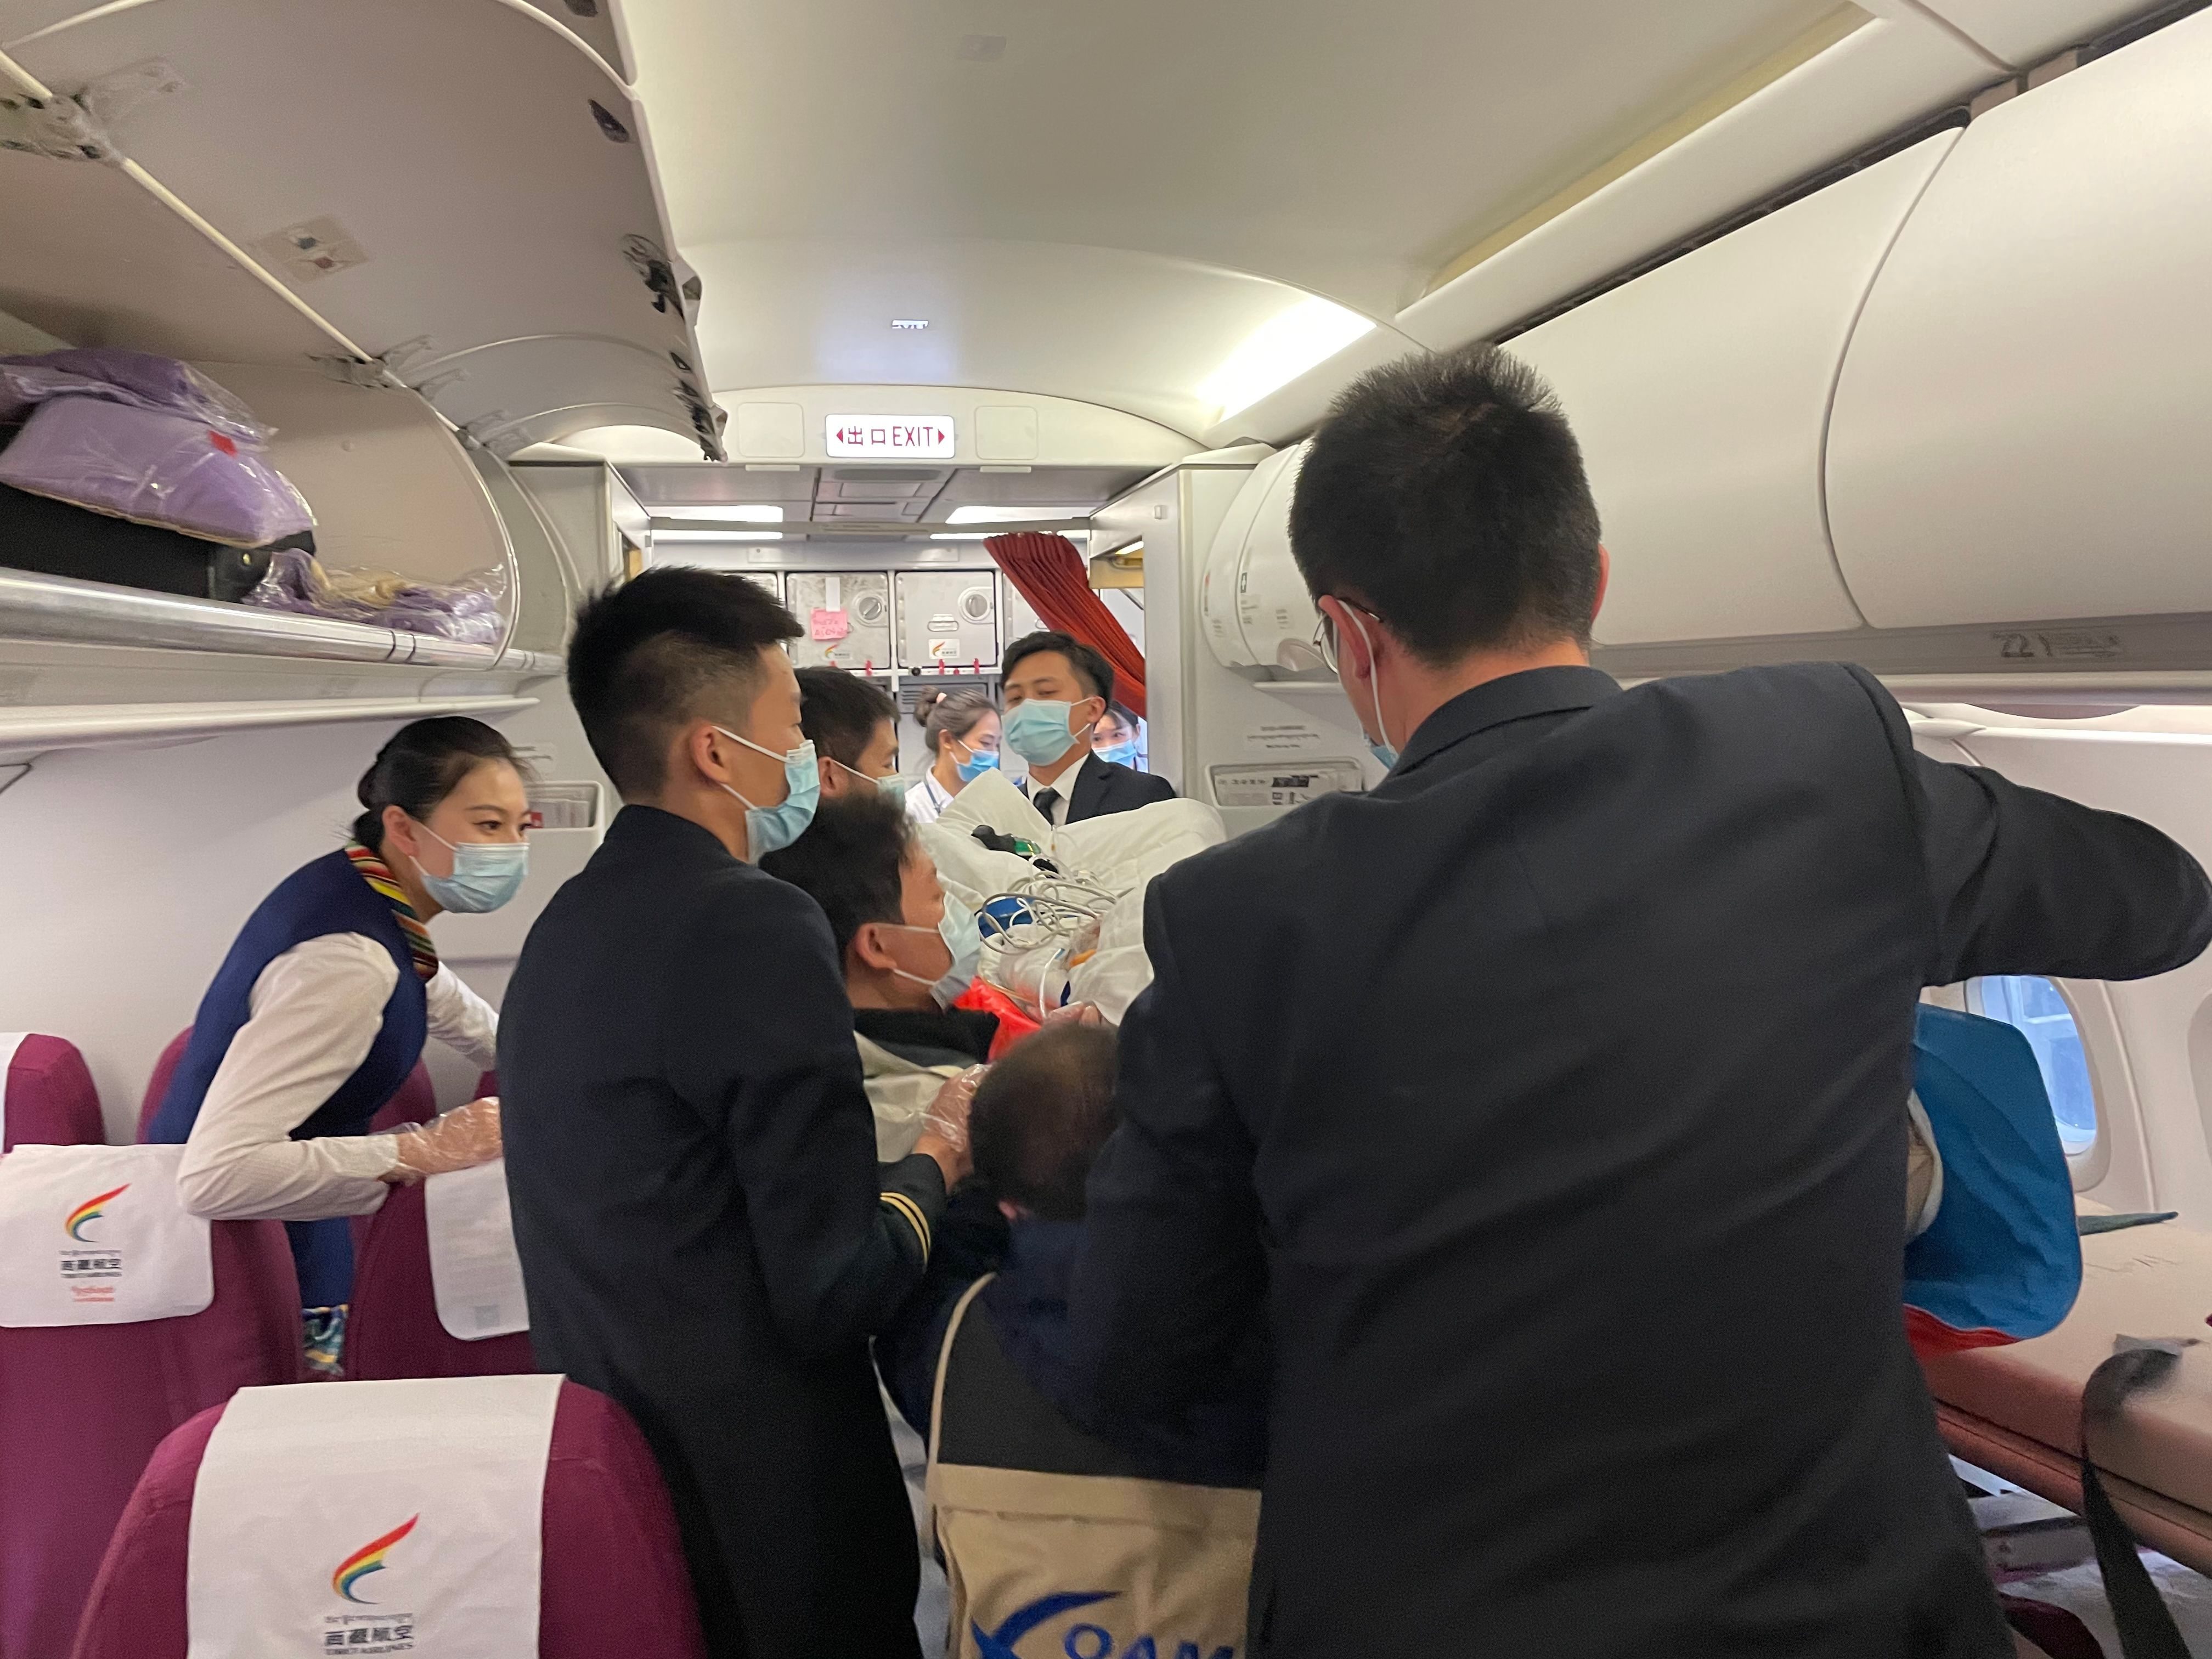 西藏航空TV9856航班 一趟特殊而又温暖的航班